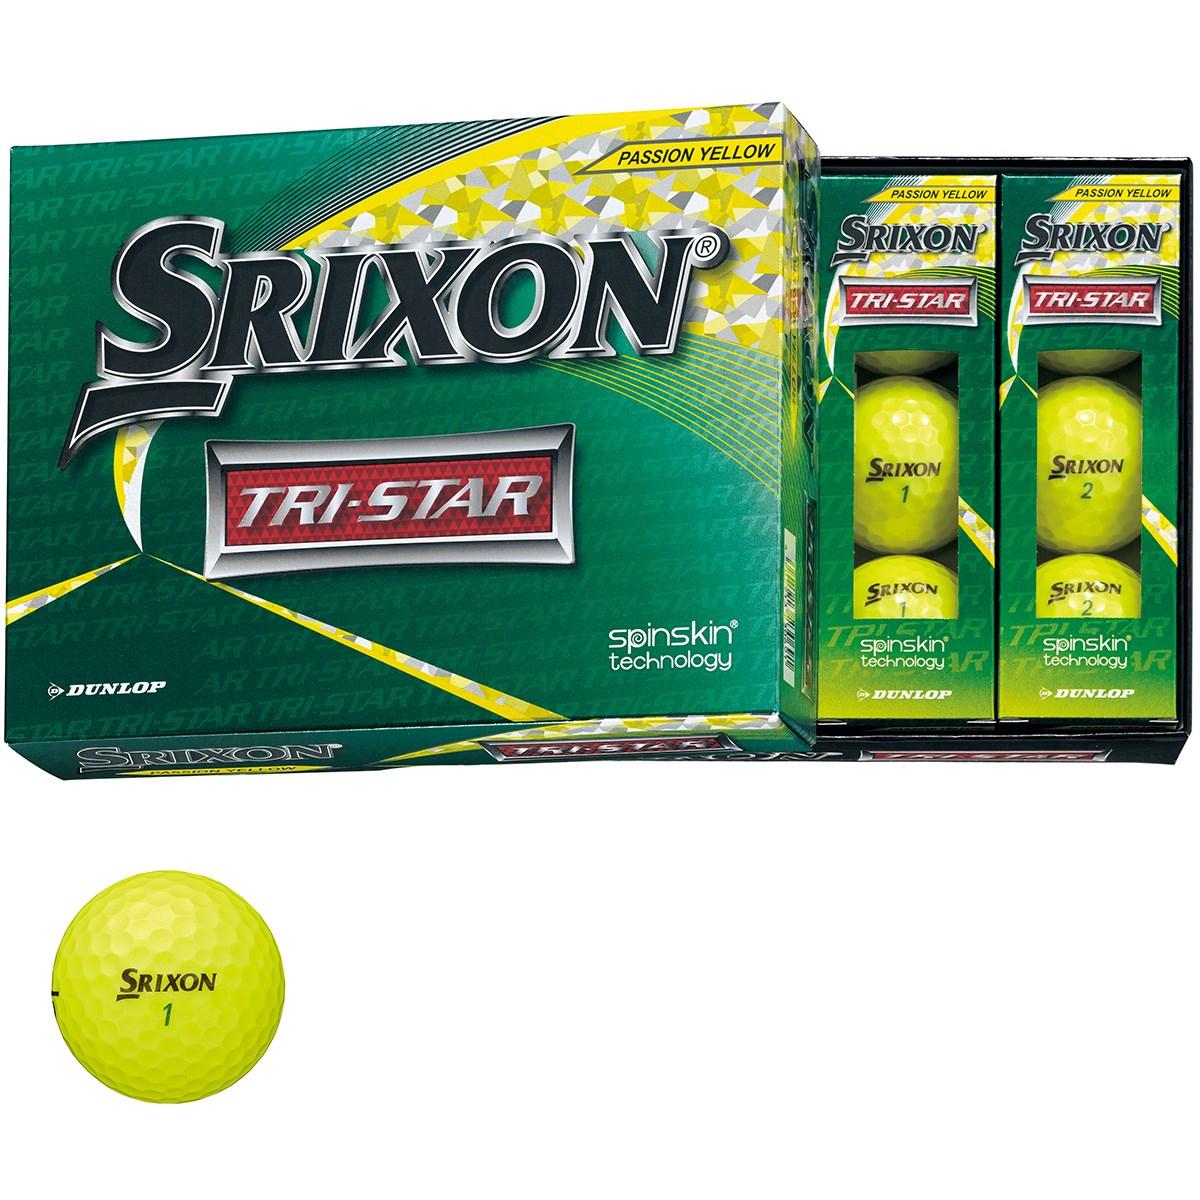 ダンロップ SRIXON スリクソン TRI-STAR 3 ボール 5ダースセット 5ダース(60個入り) プレミアムパッションイエロー